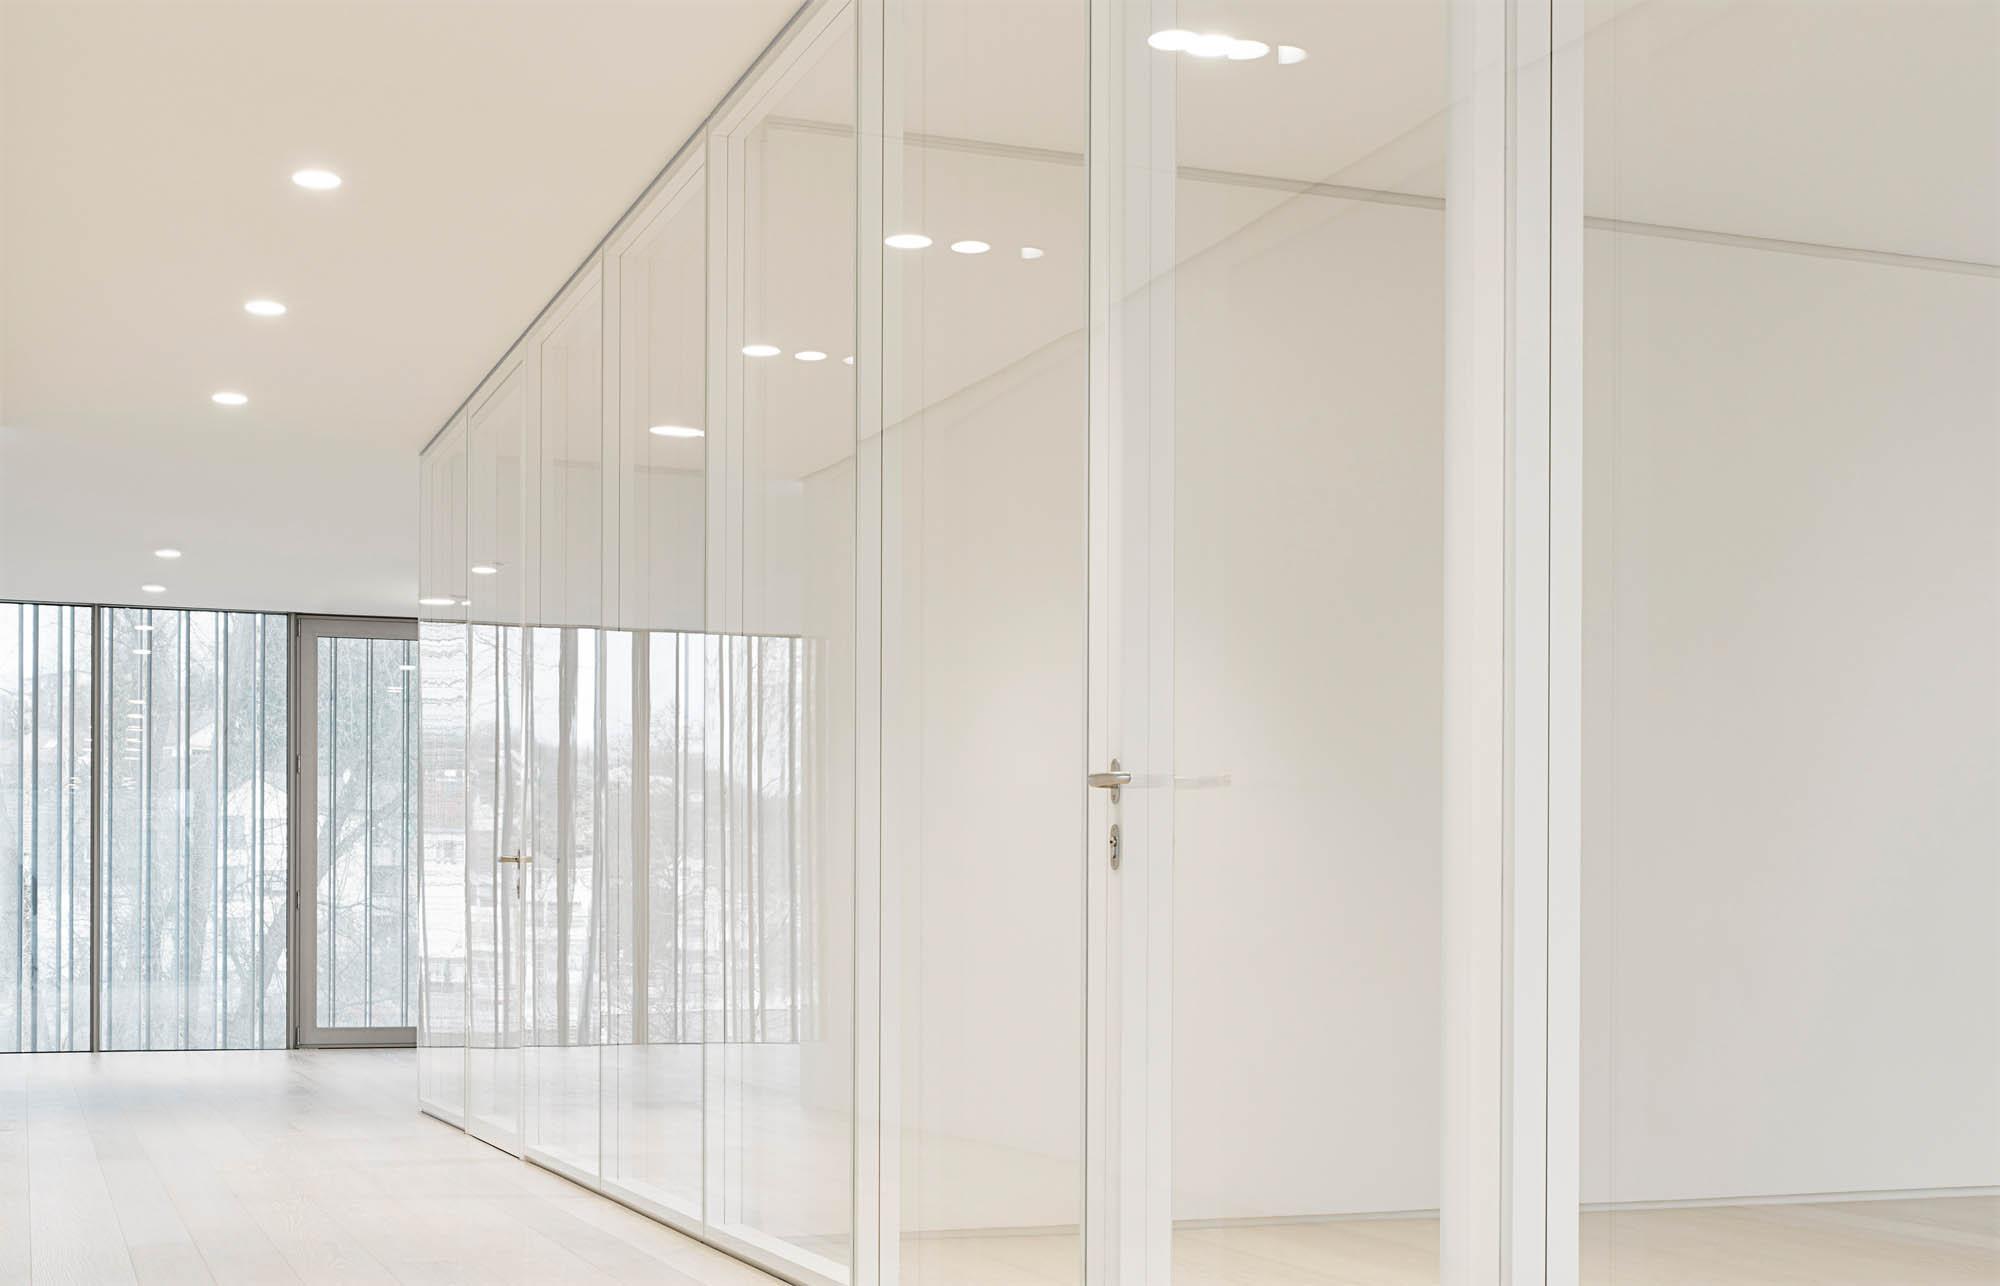 OPC 151212 0243U 1 - Eva Mayr-Stihl Stiftung: Fotografie des neuen Verwaltungsgebäudes